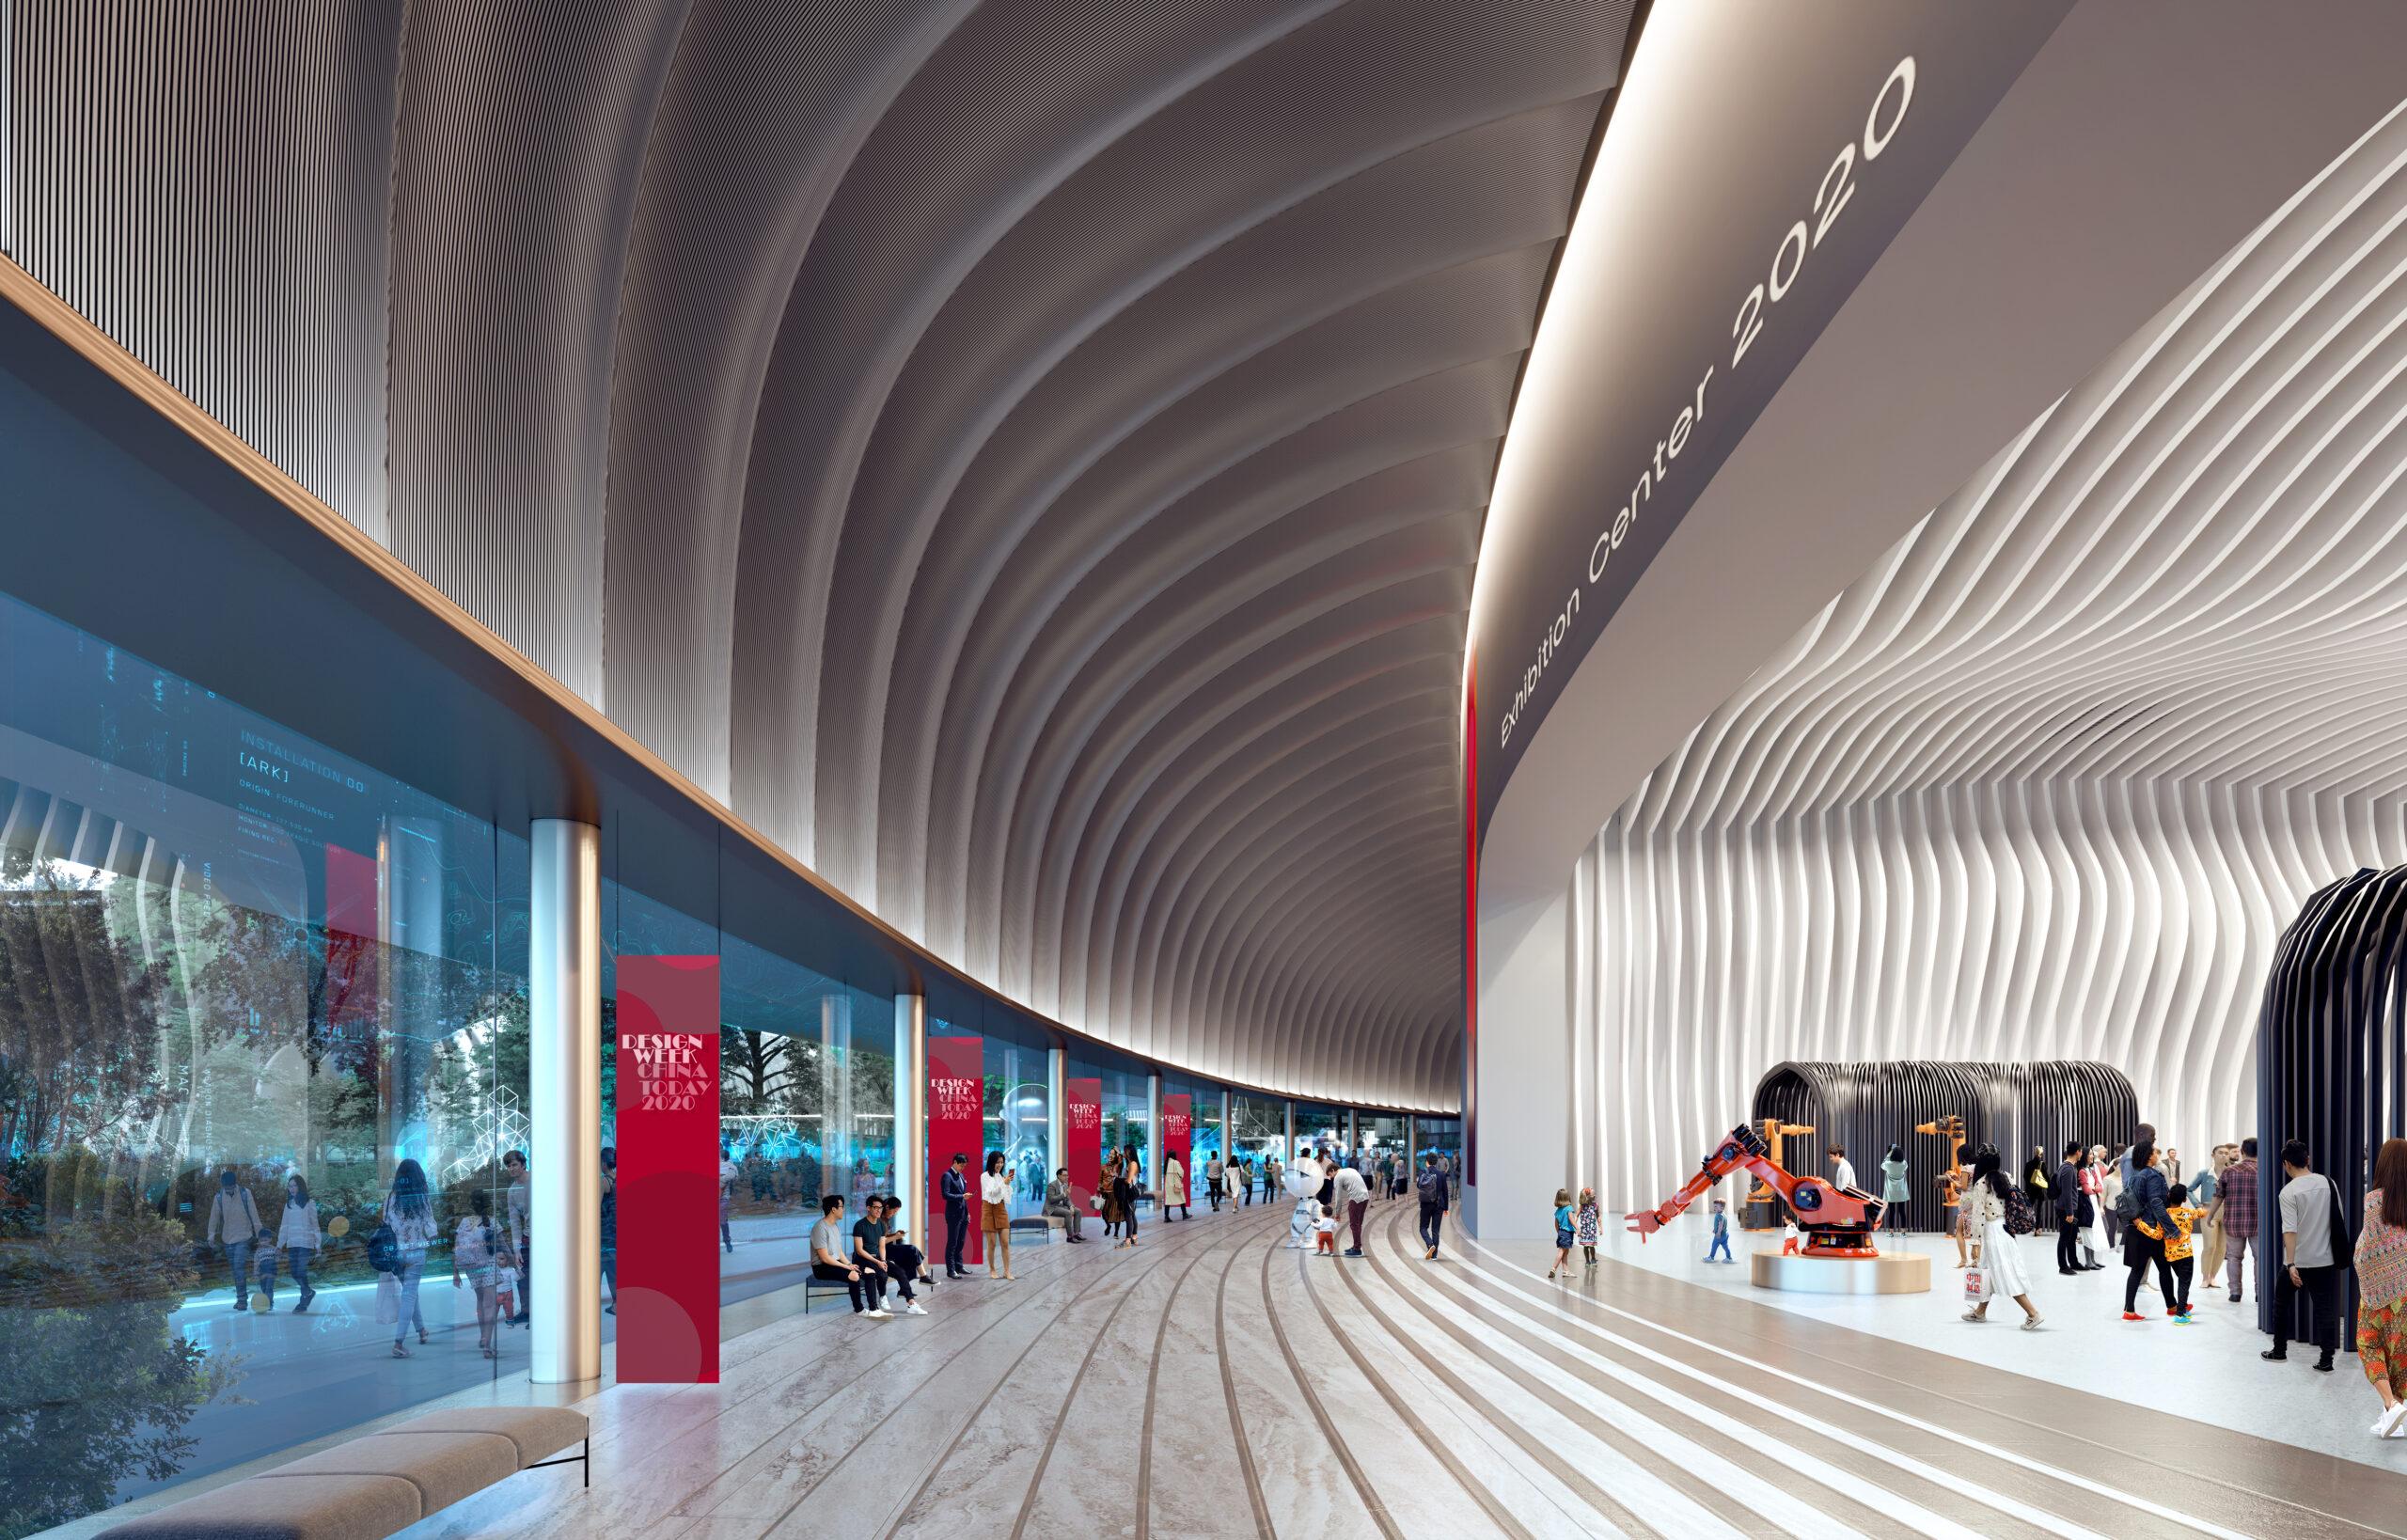 New Exhibition Center in Beijing